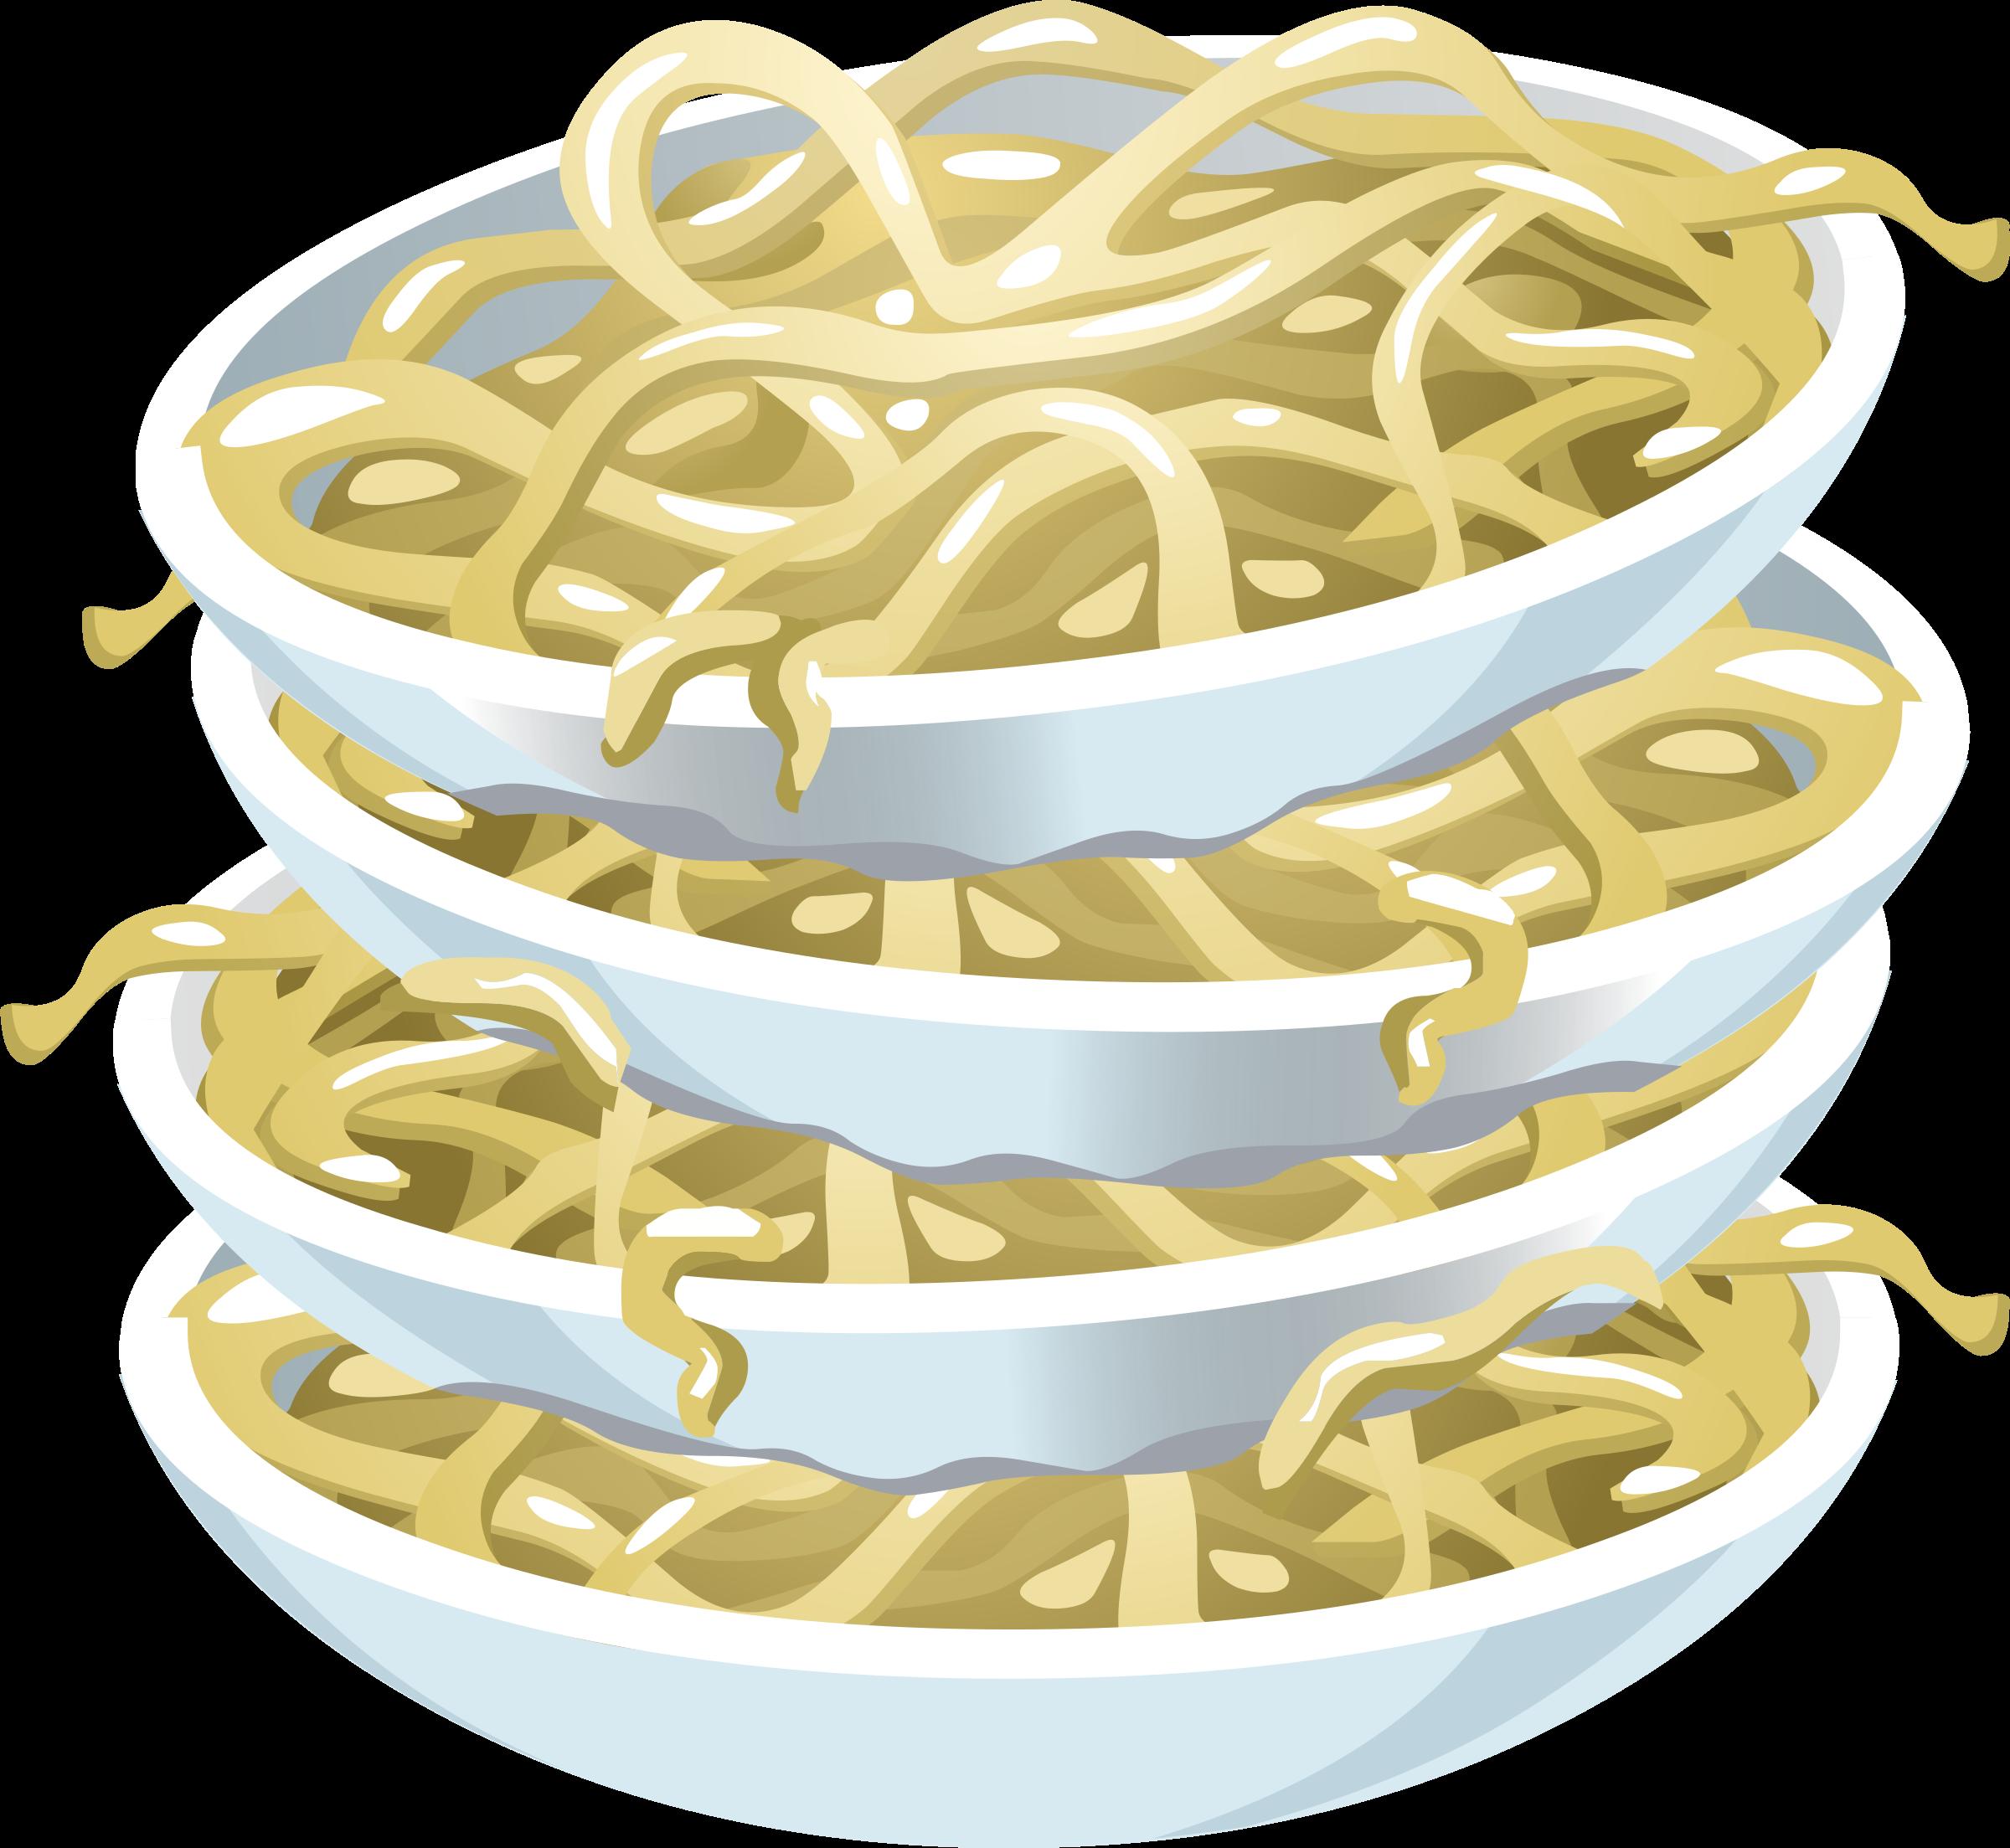 Food plain big image. Noodles clipart udon noodle